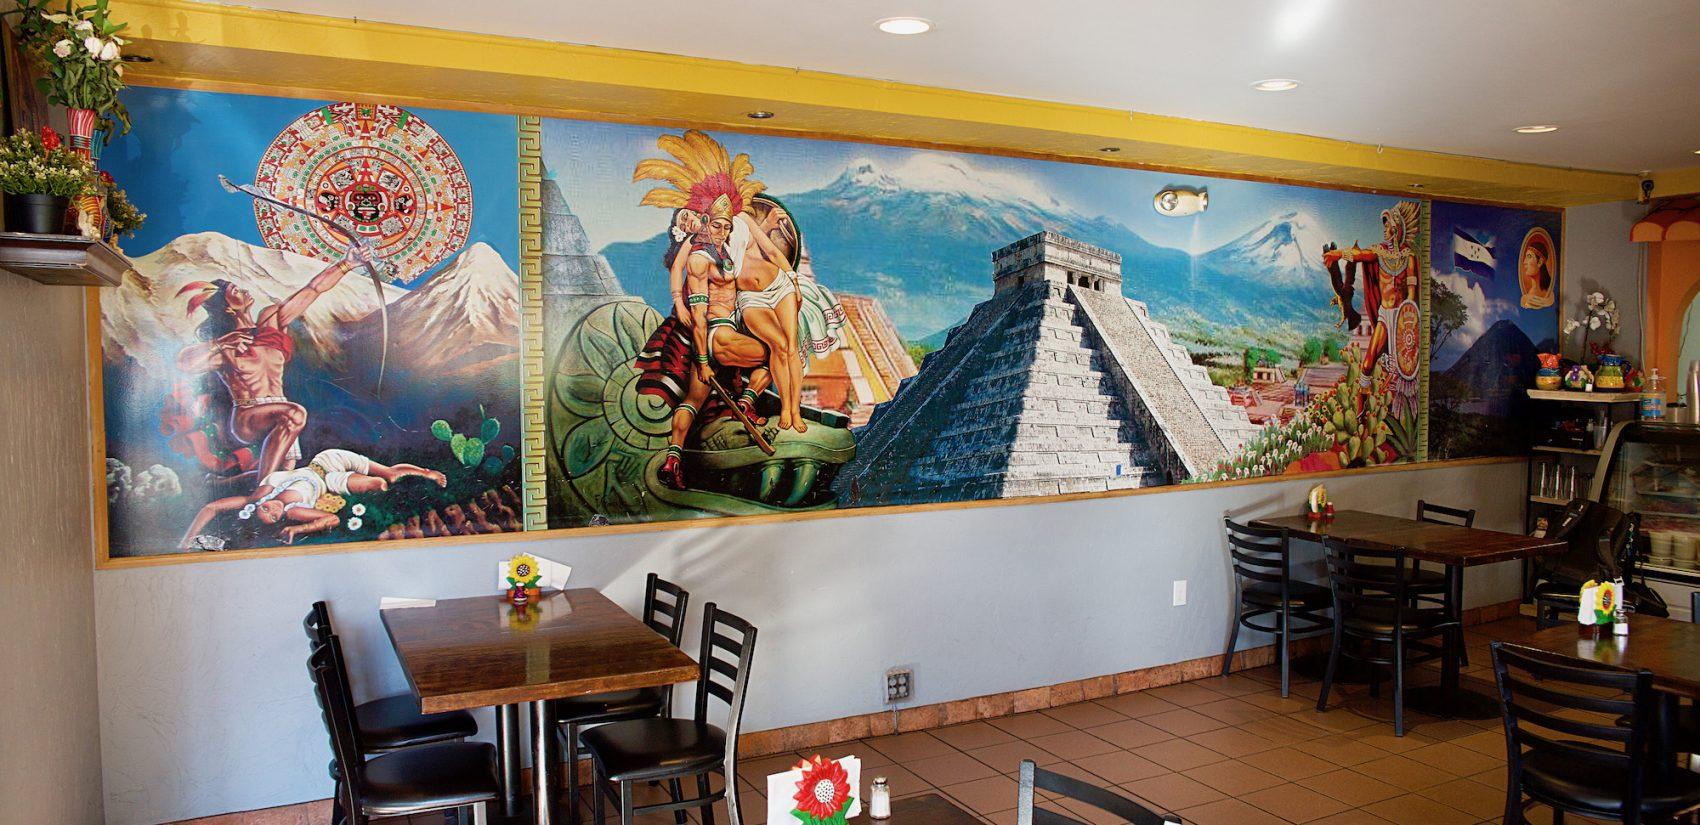 The inside of Tamalex, David Piña's restaurant, is covered in bright murals paying homage to his Mexican culture. | El interior de Tamalex, el restaurante de David Piña, está cubierto de murales brillantes que celebran a su cultura mexicana. (Tony Rocco/WHYY)